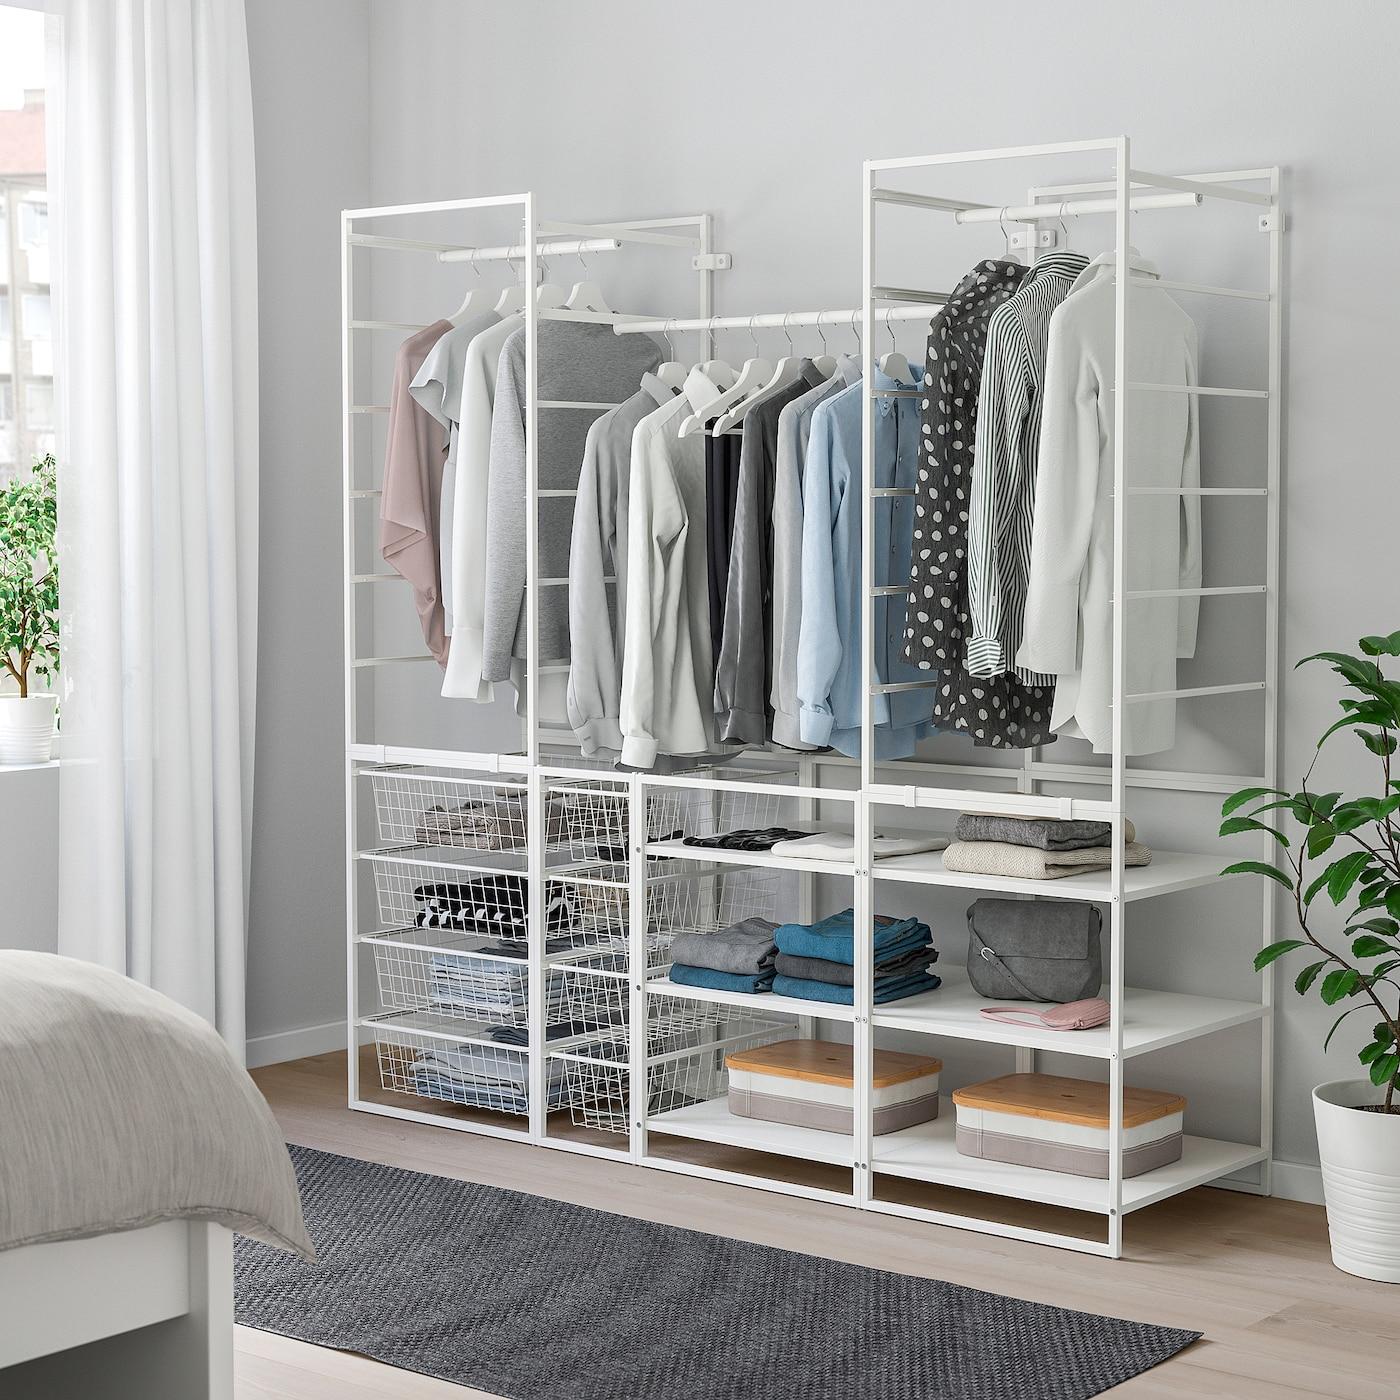 JONAXEL هيكل/مع سلال/ماسورة ملابس/أرفف, أبيض, 173x51x173 سم